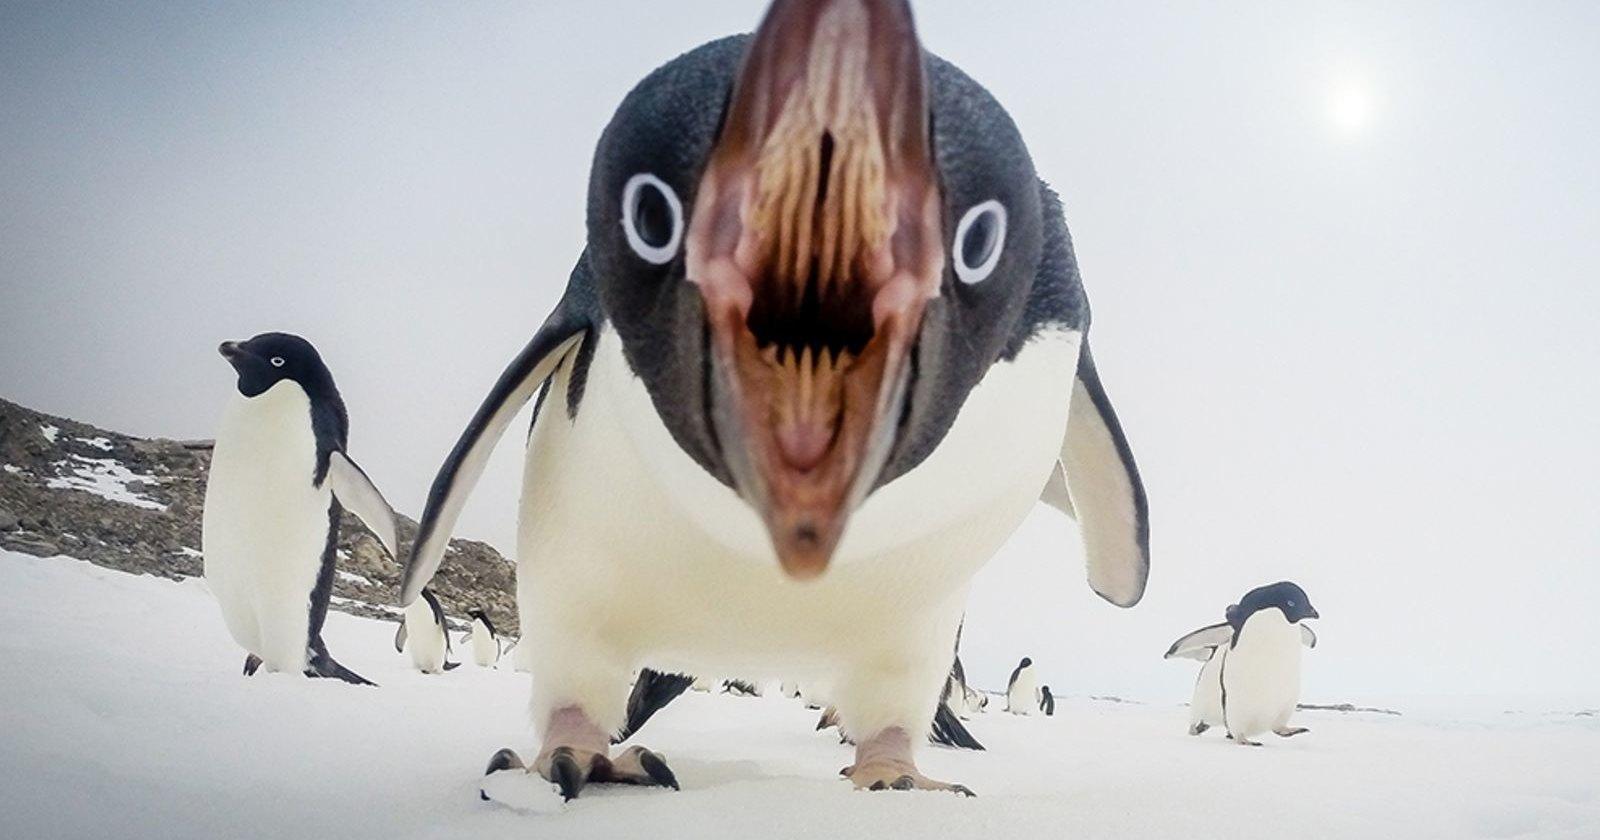 Кровь антарктических птиц рассказала о глобальном потеплении